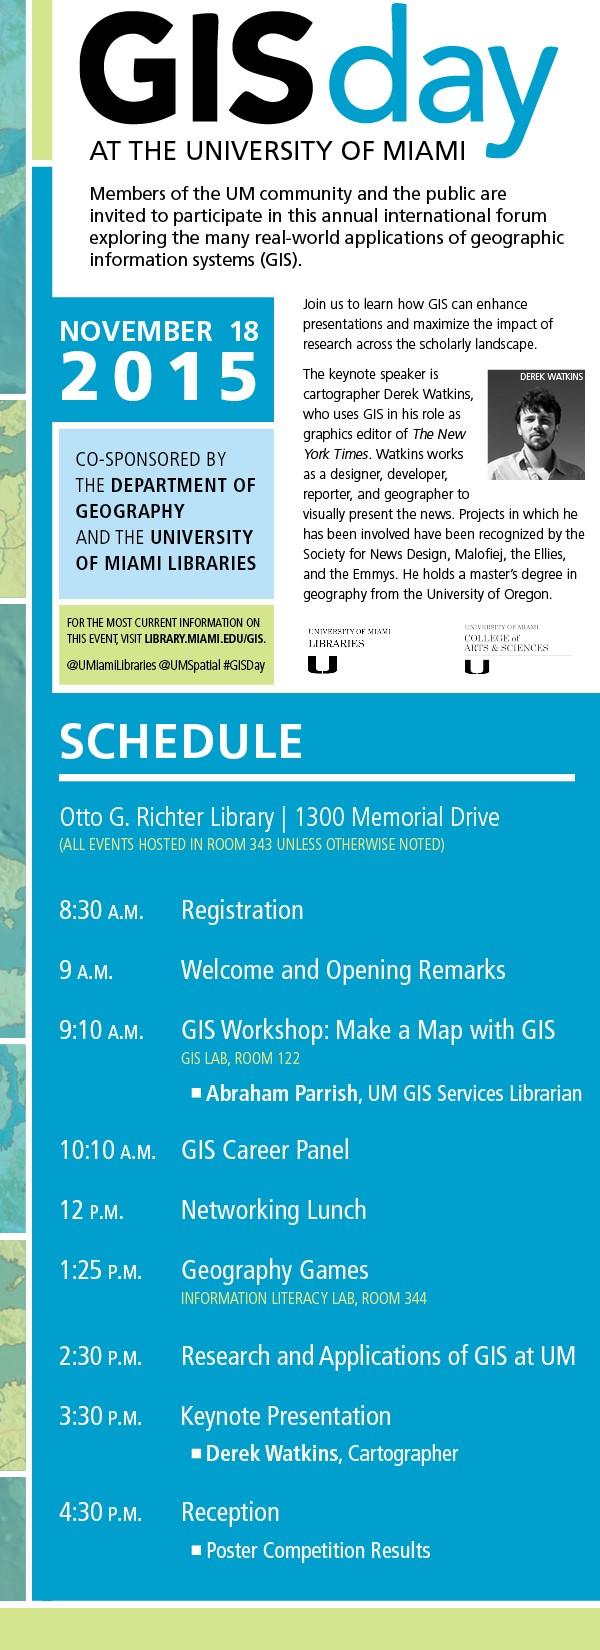 2015 GIS Day at University of Miami